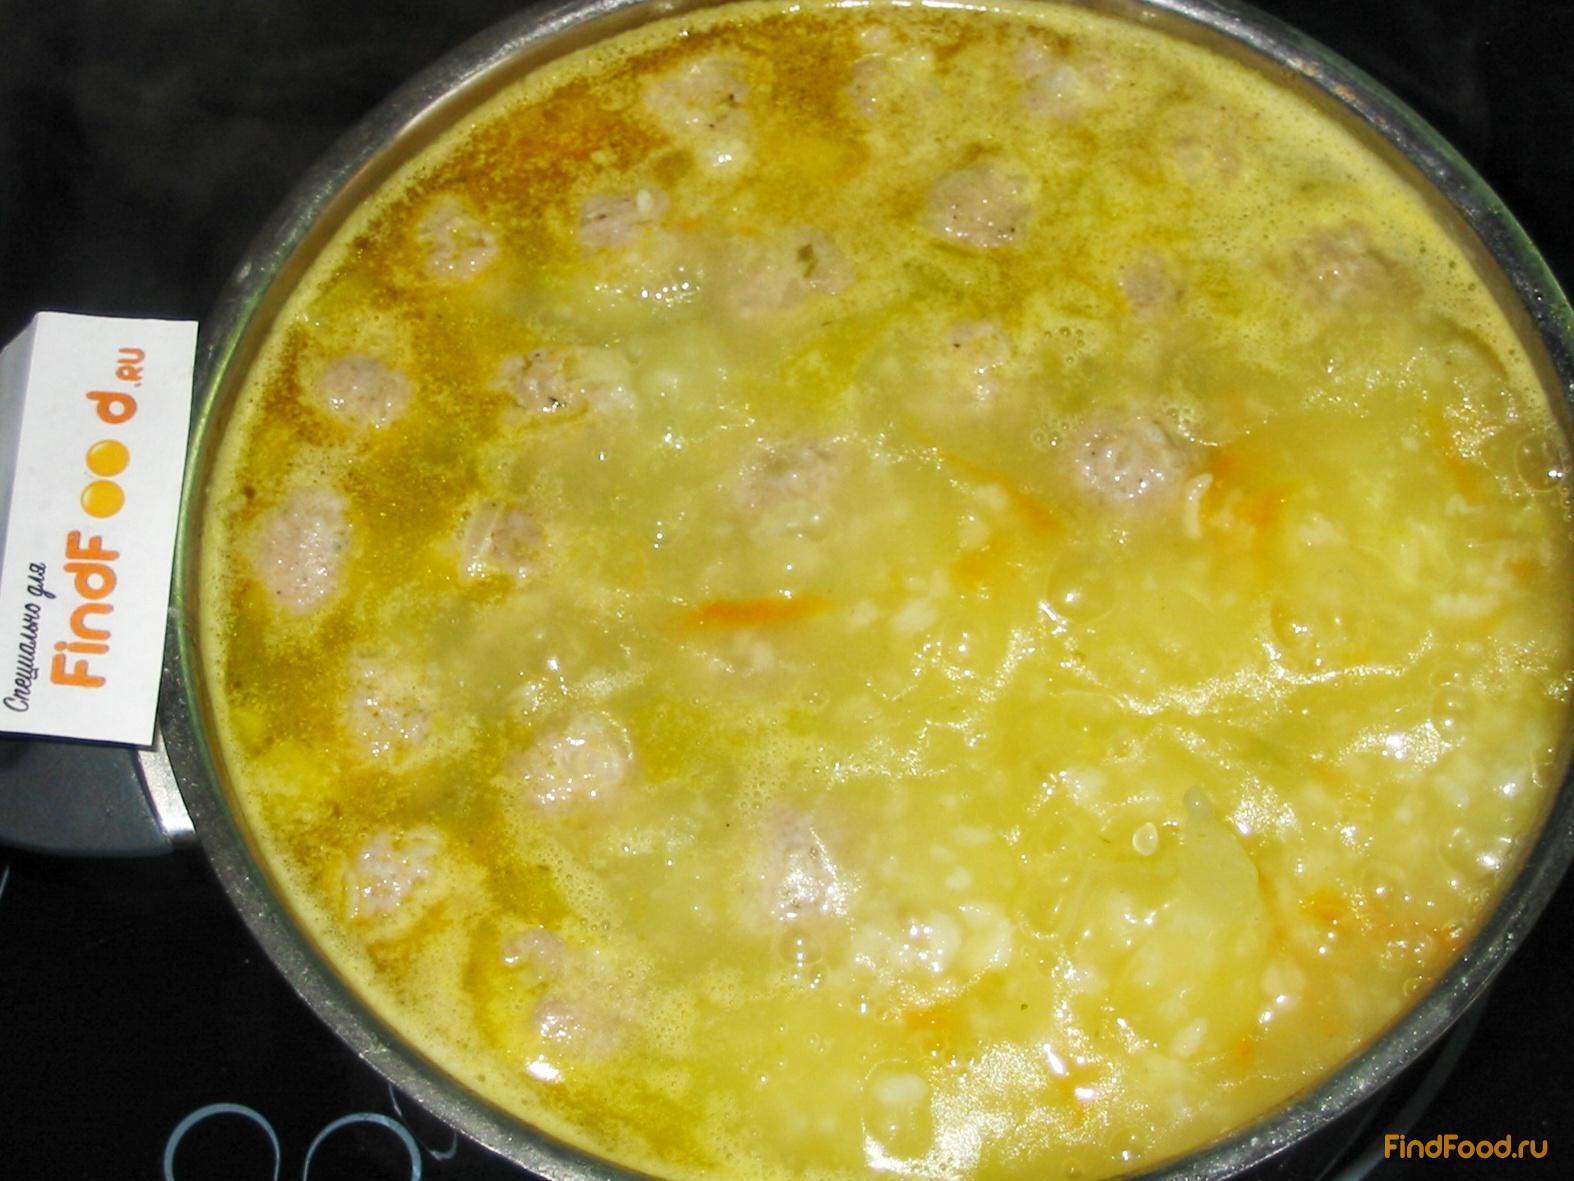 Рисовый суп с свининой рецепт пошагово